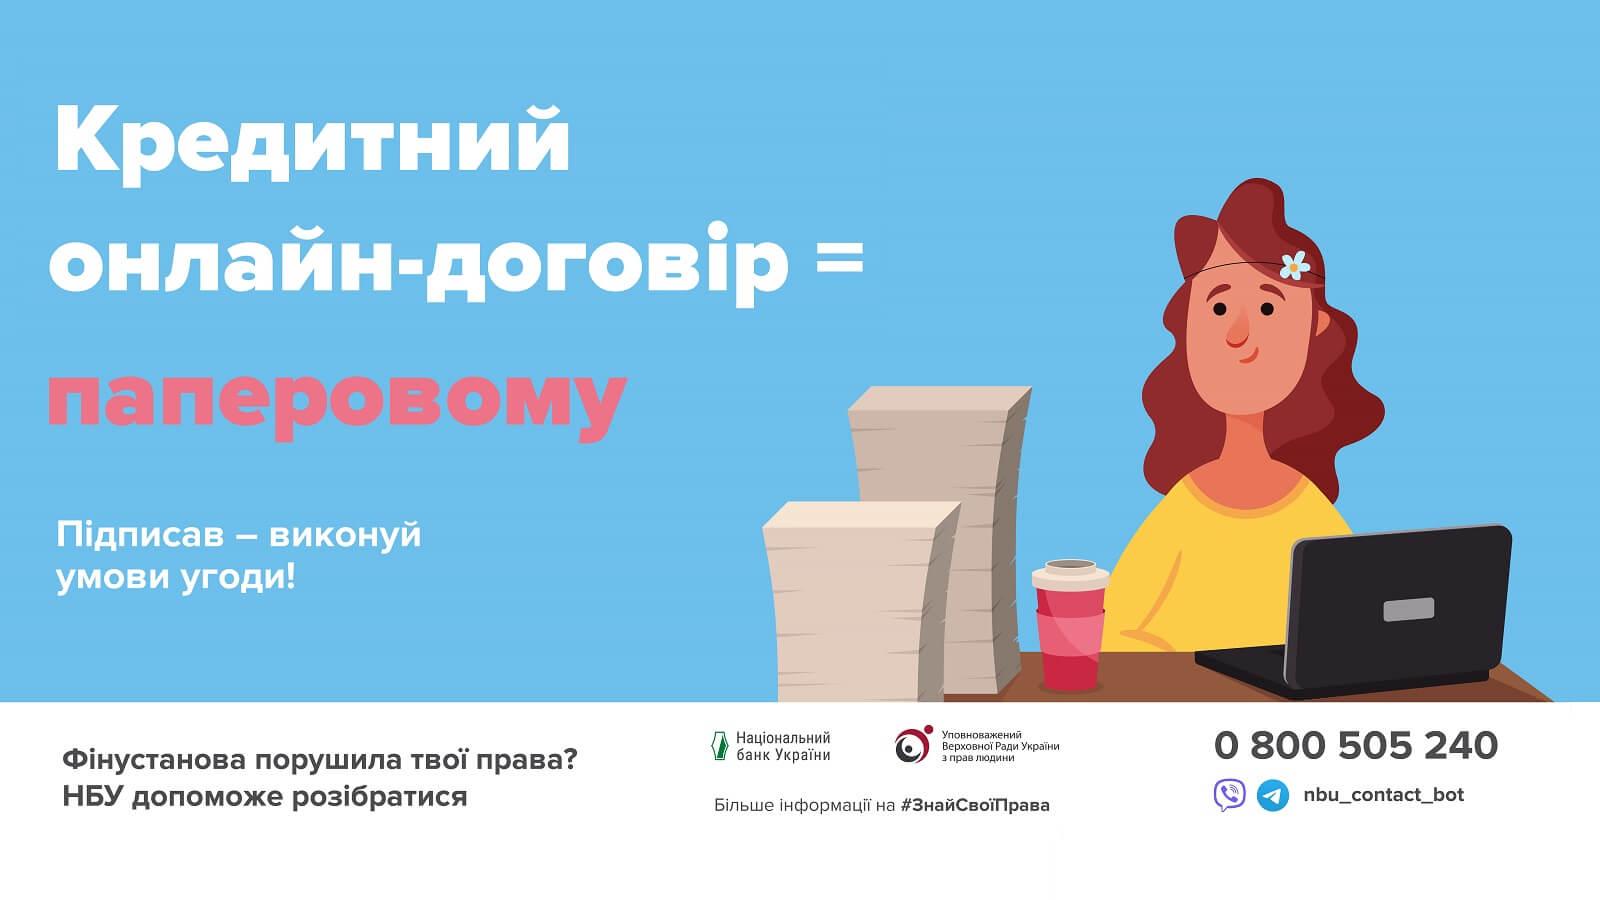 Кредитний онлайн-договір = паперовому! - фото - mtb.ua